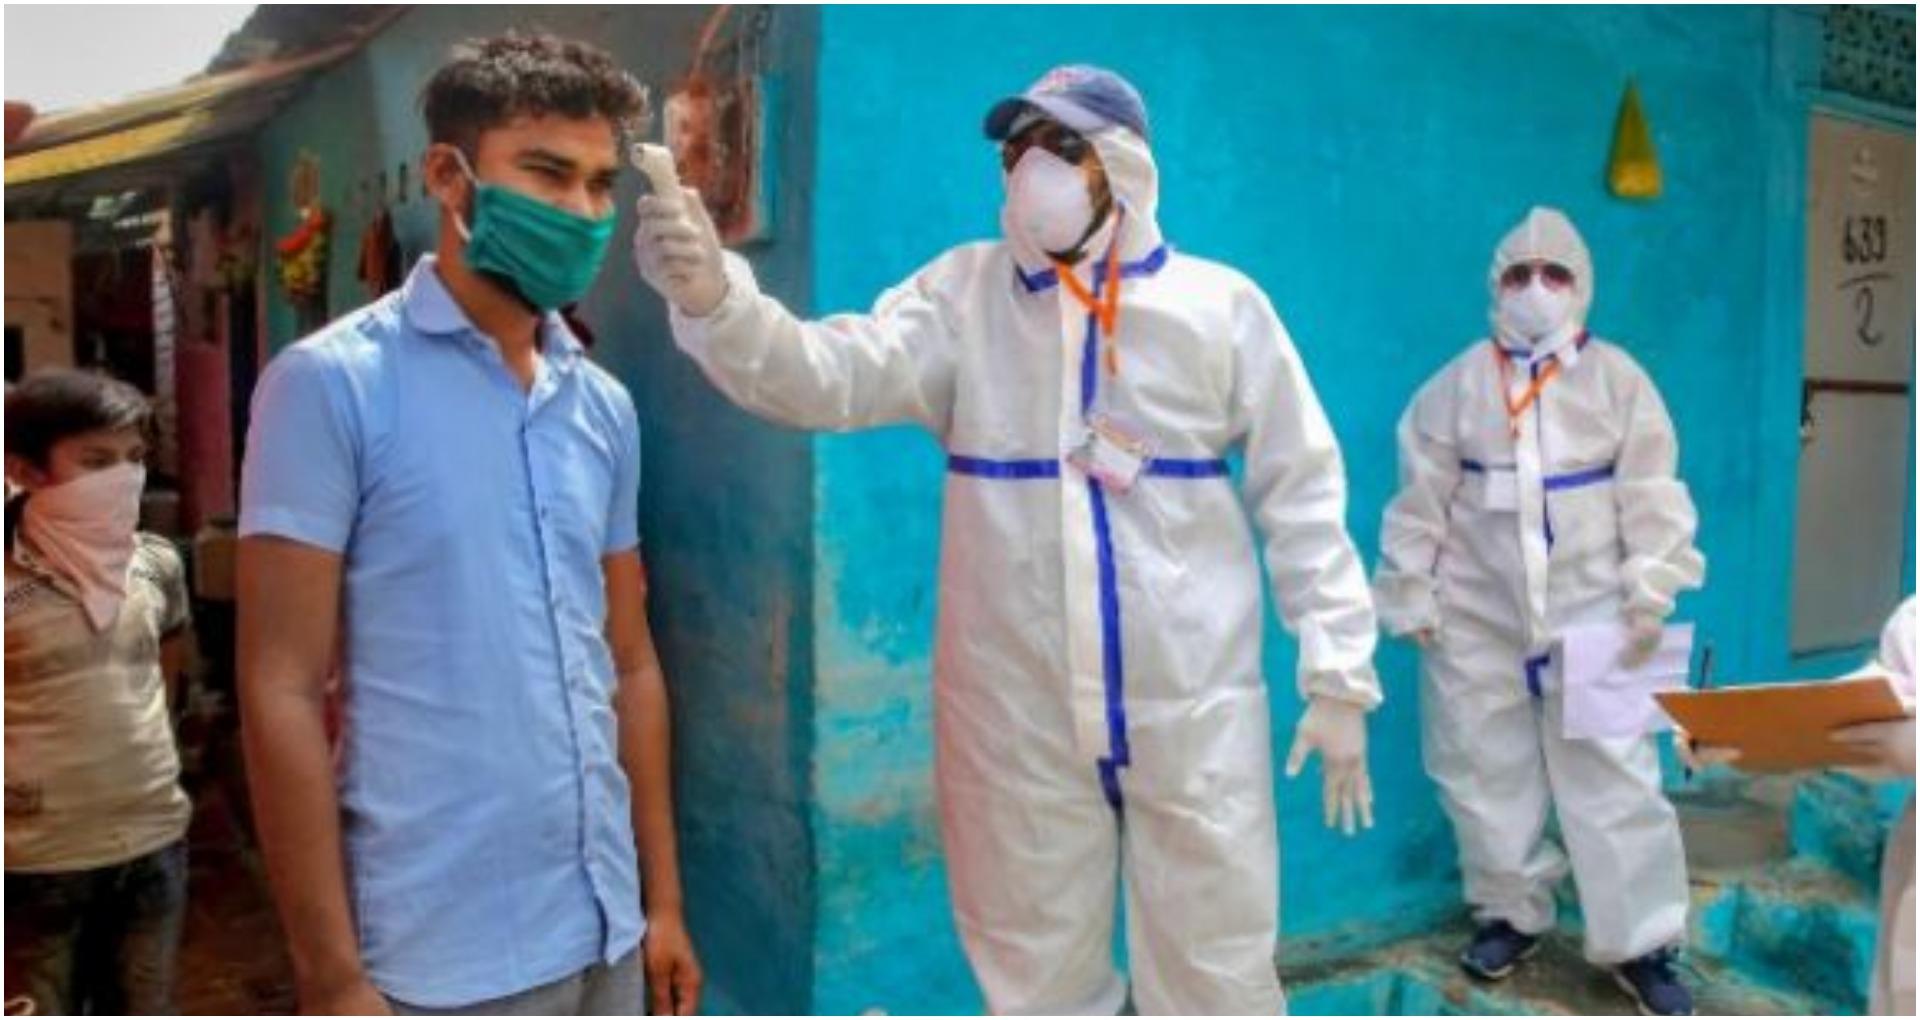 अमेरिकी संस्था ने भारत को लेकर किया खुलासा, सितंबर तक हो सकते हैं संक्रमण के 111 करोड़ मामले